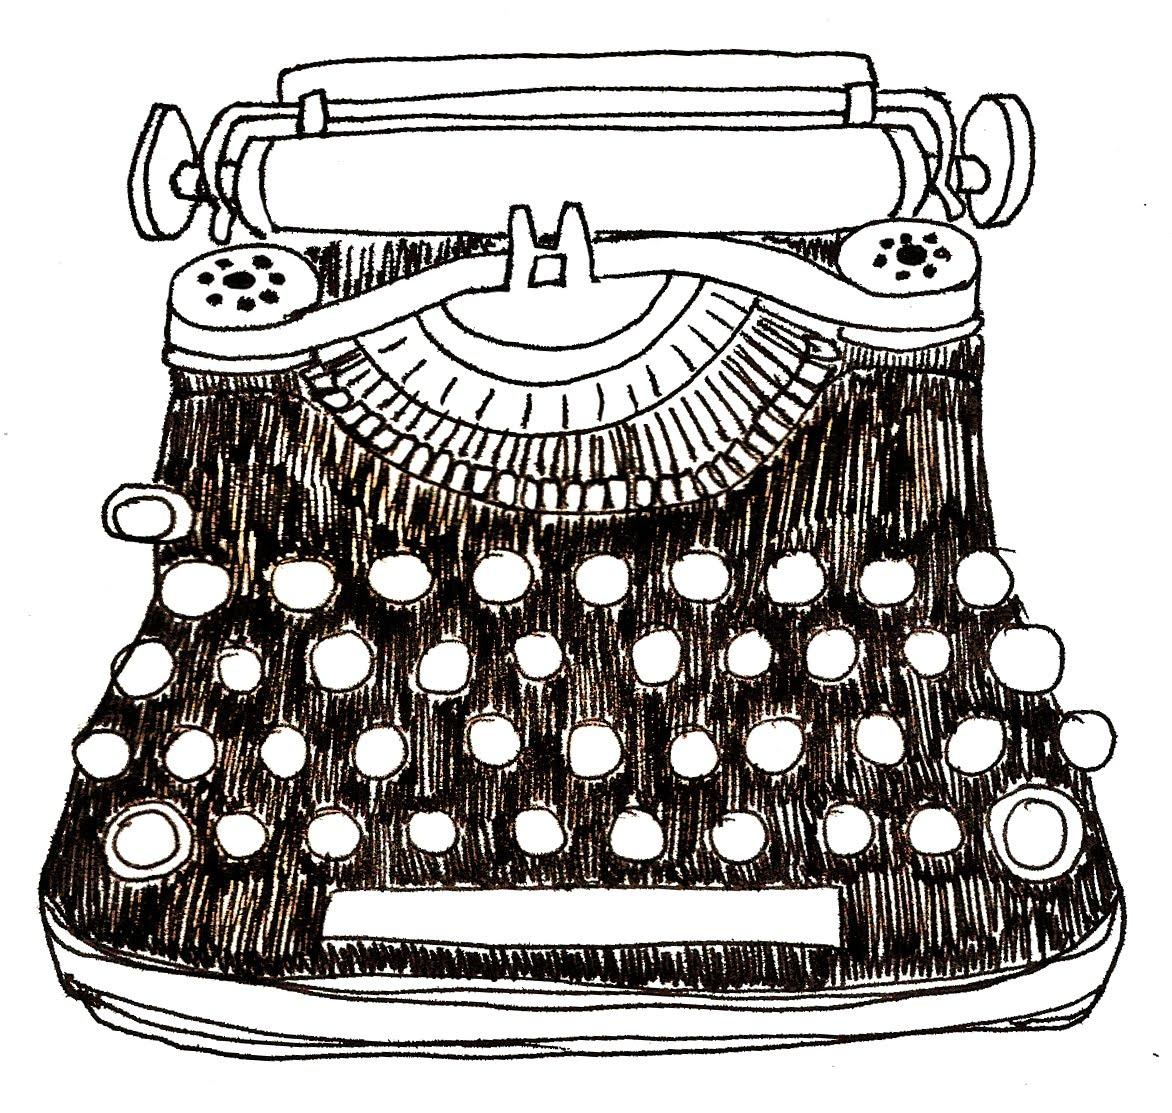 BlanketStitch: SKETCH - Typewriter